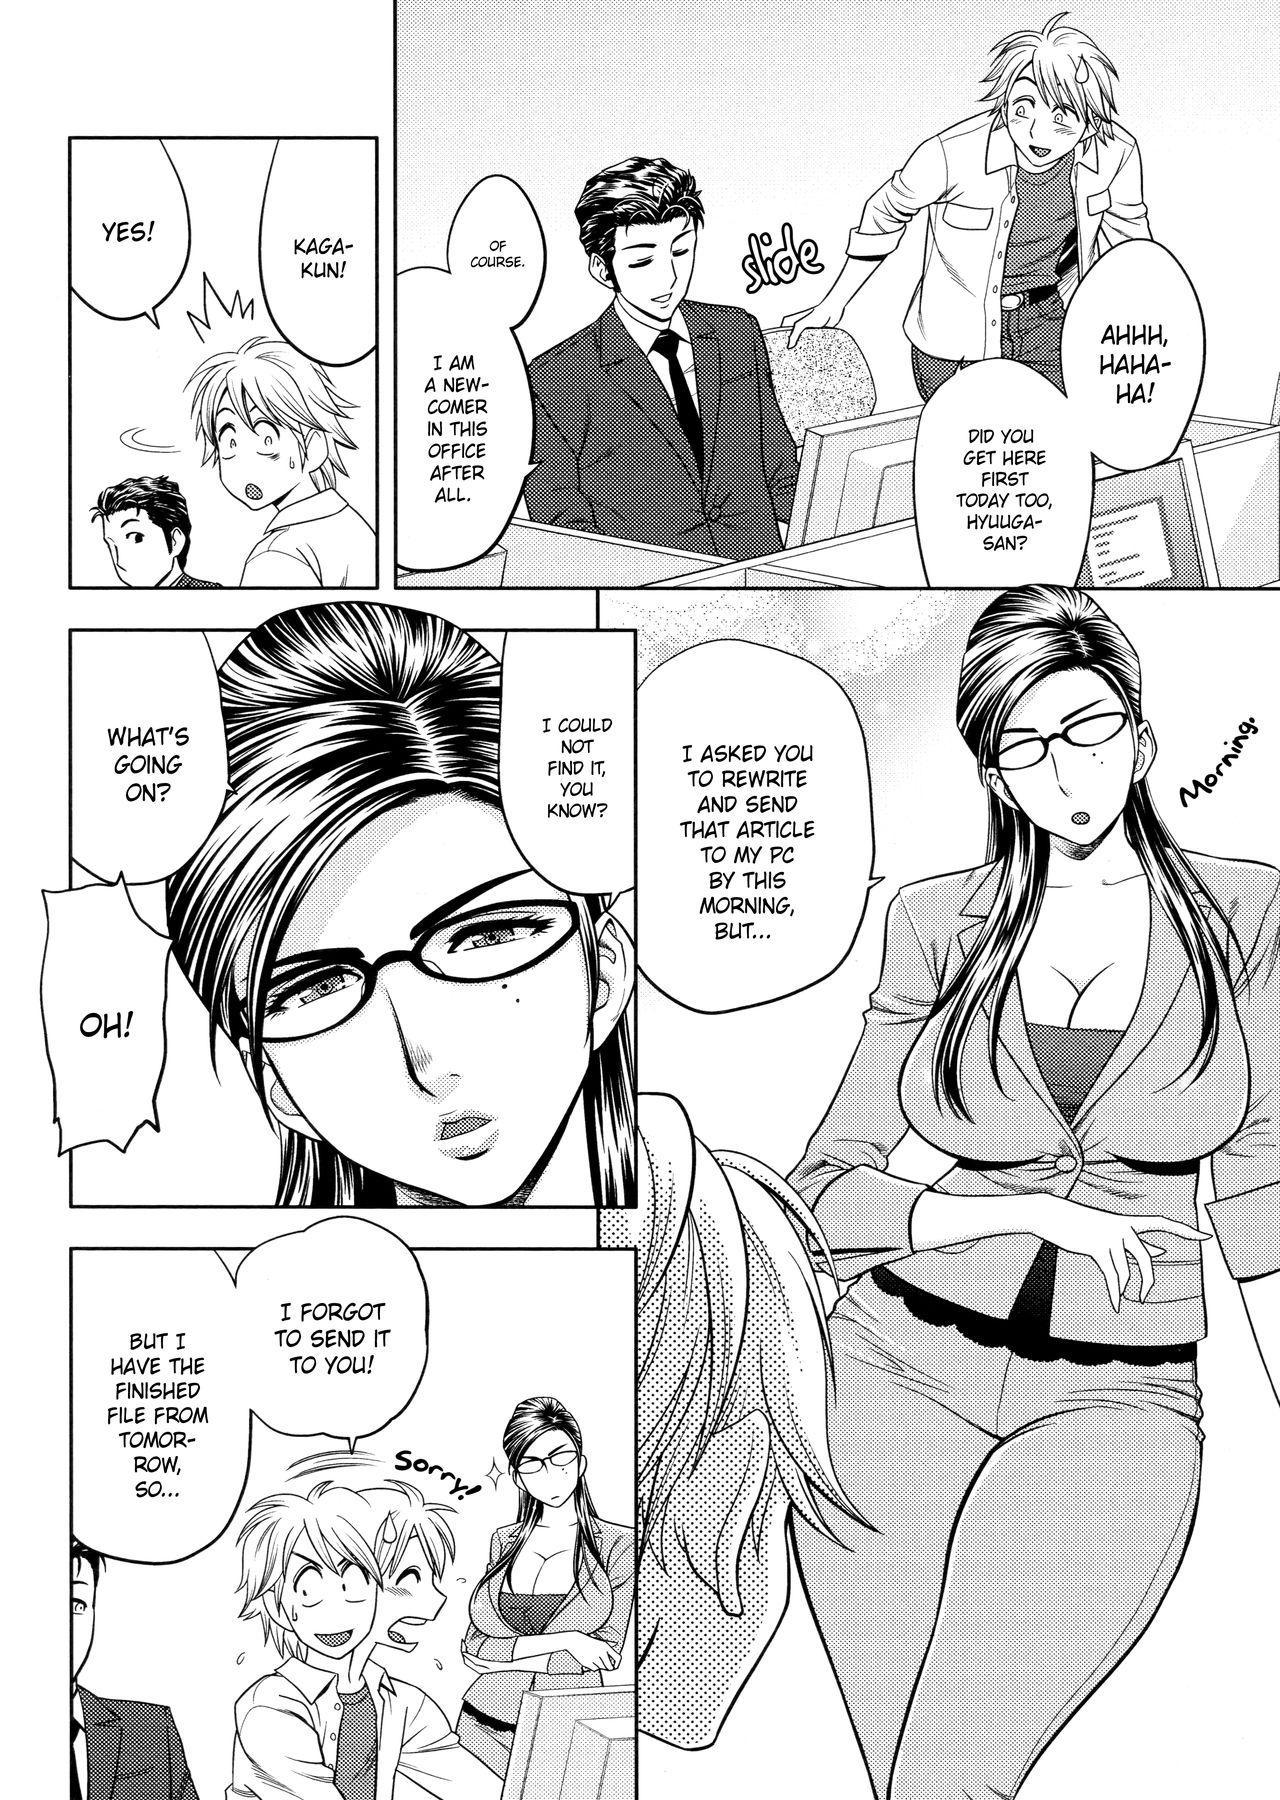 [Tatsunami Youtoku, Yamazaki Masato] Bijin Henshuu-chou no Himitsu | Beautiful Editor-in-Chief's Secret Ch. 1-7 [English] [Forbiddenfetish77, Red Vodka, Crystalium, CEDR777] [Decensored] 69